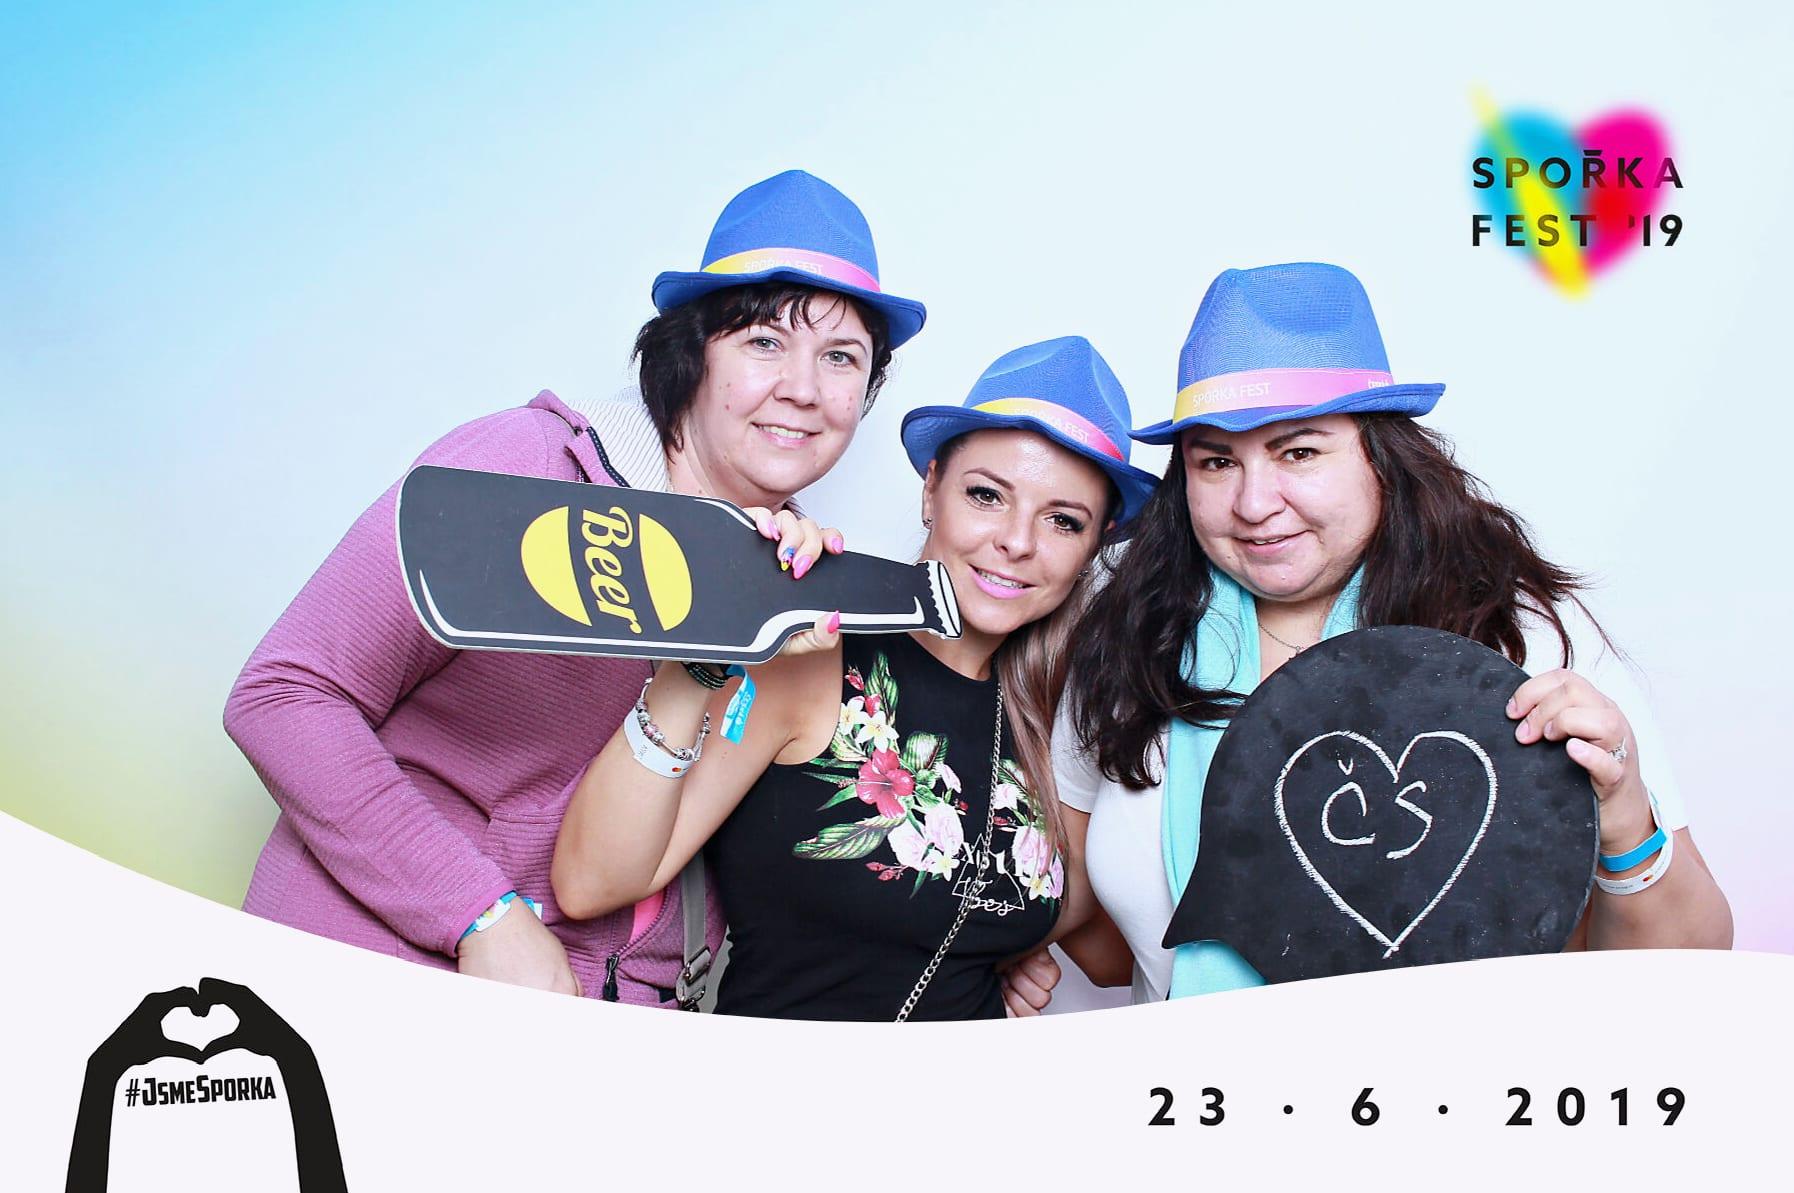 fotokoutek-festival-praha-sporka-fest-4-23-6-2019-635892